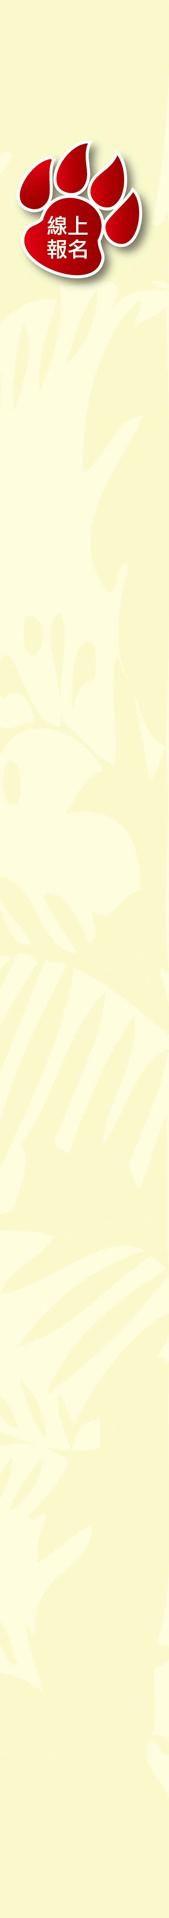 網站內頁編排_活動路線-02